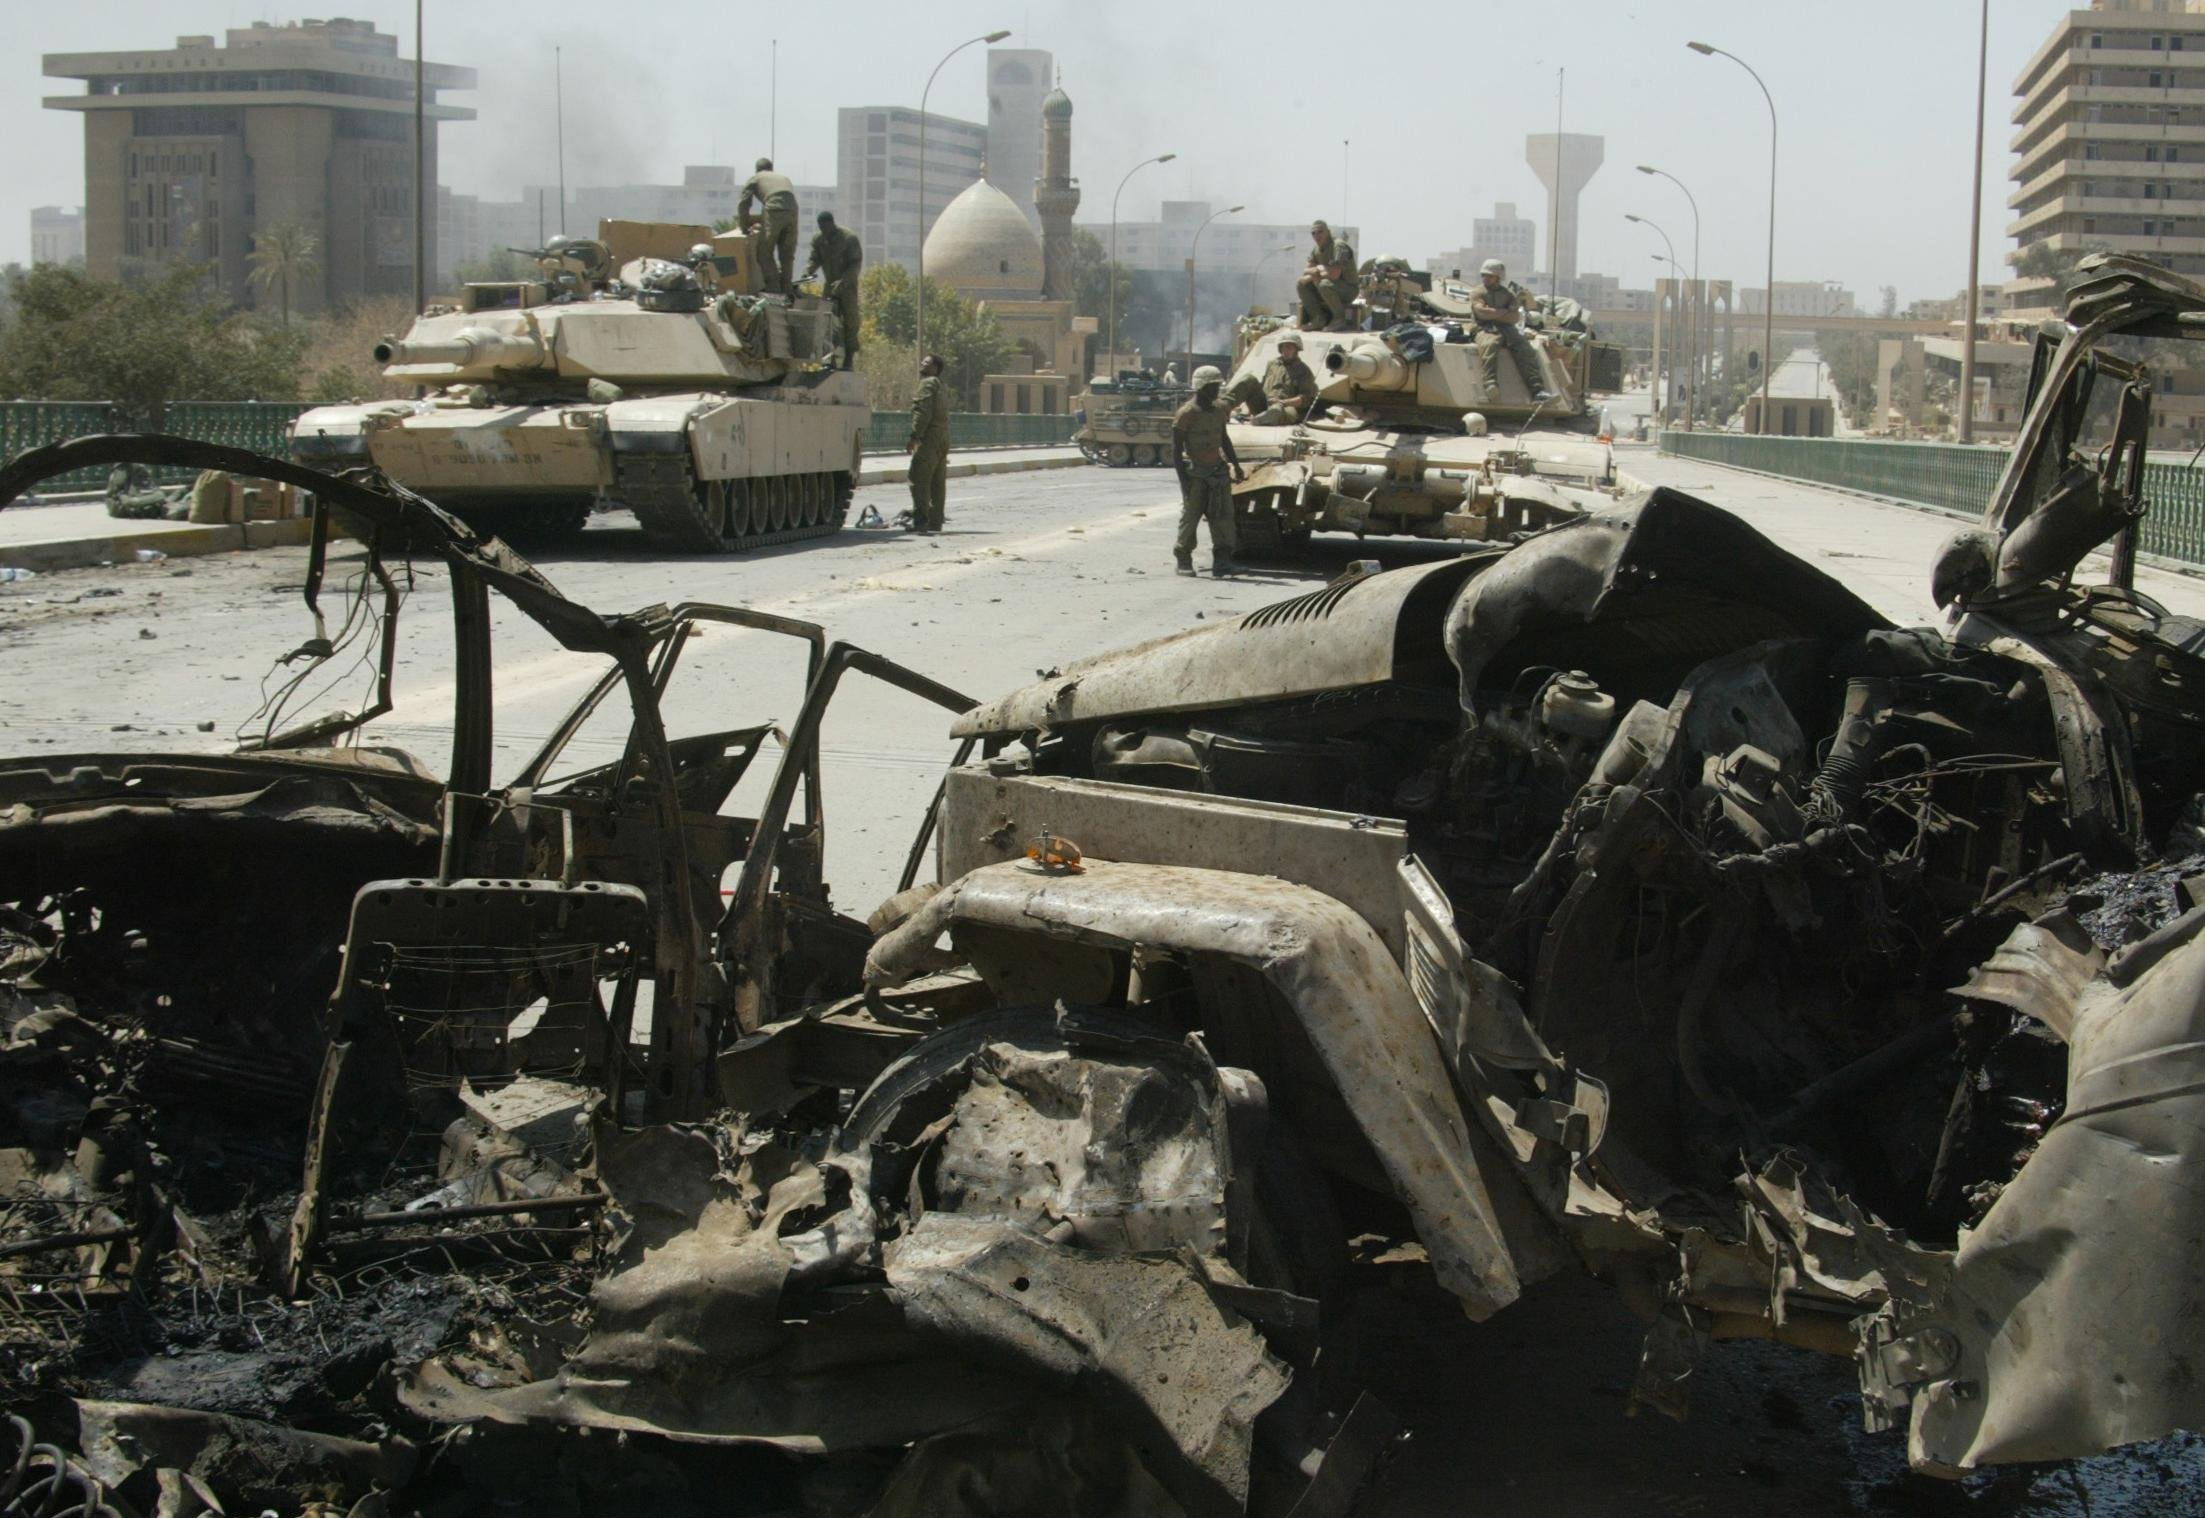 US marines sit on their tanks behind the wreckage of destroyed cars on al-Jumhuriya bridge in Baghdad 11 April 2003